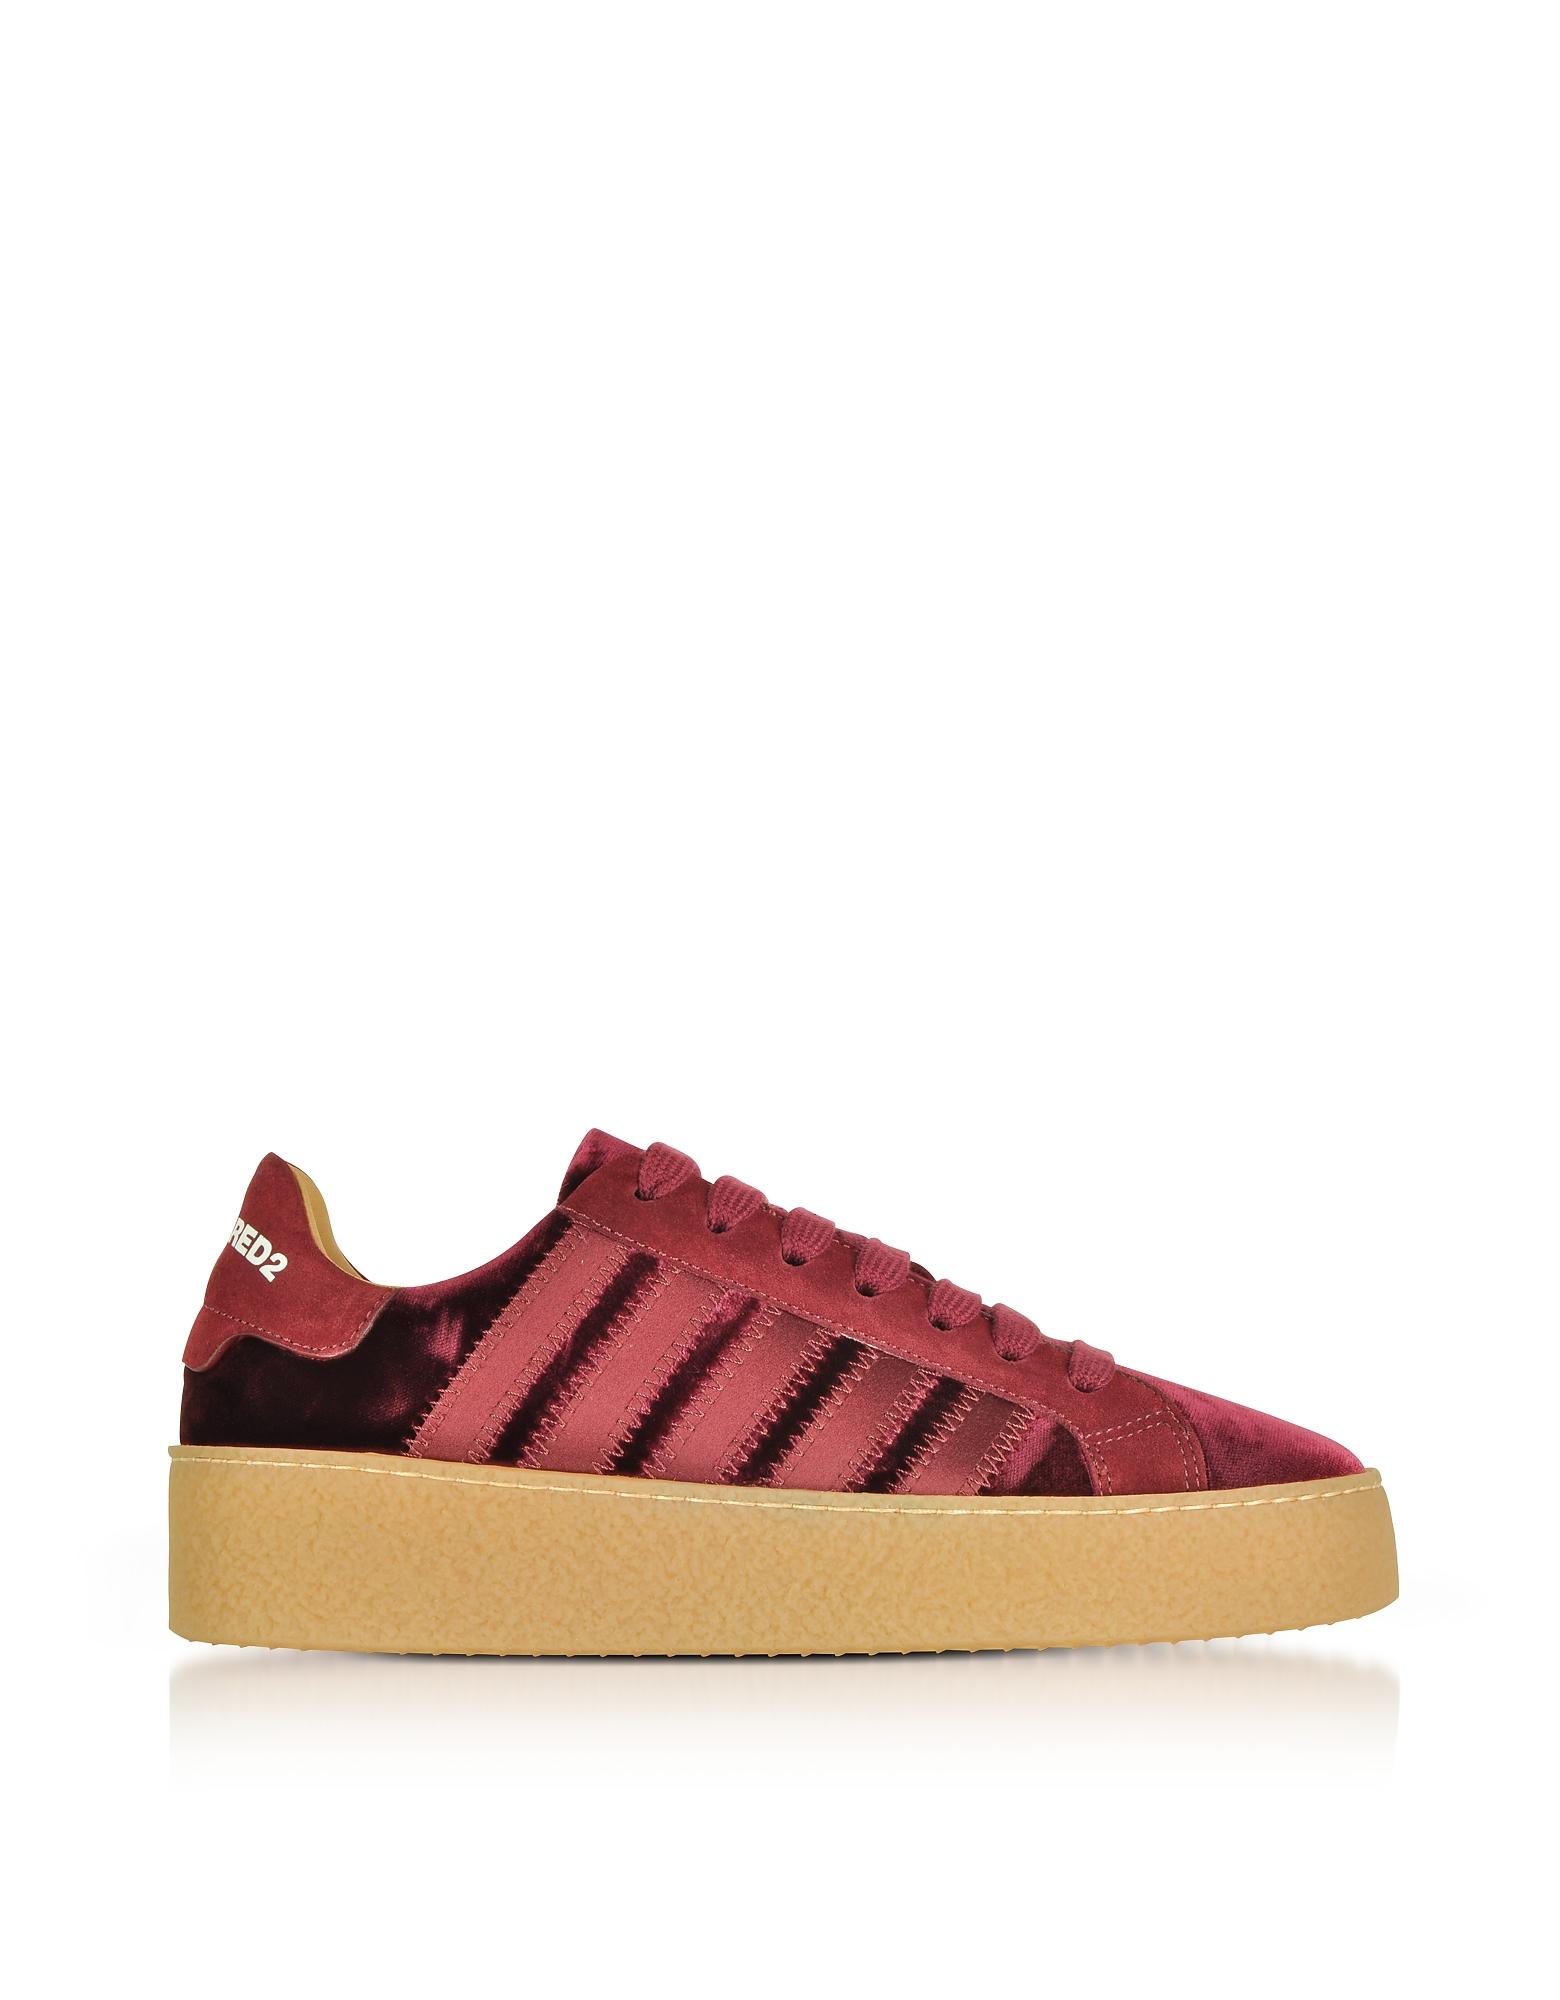 Burgundy Velvet and Satin Women's Sneakers